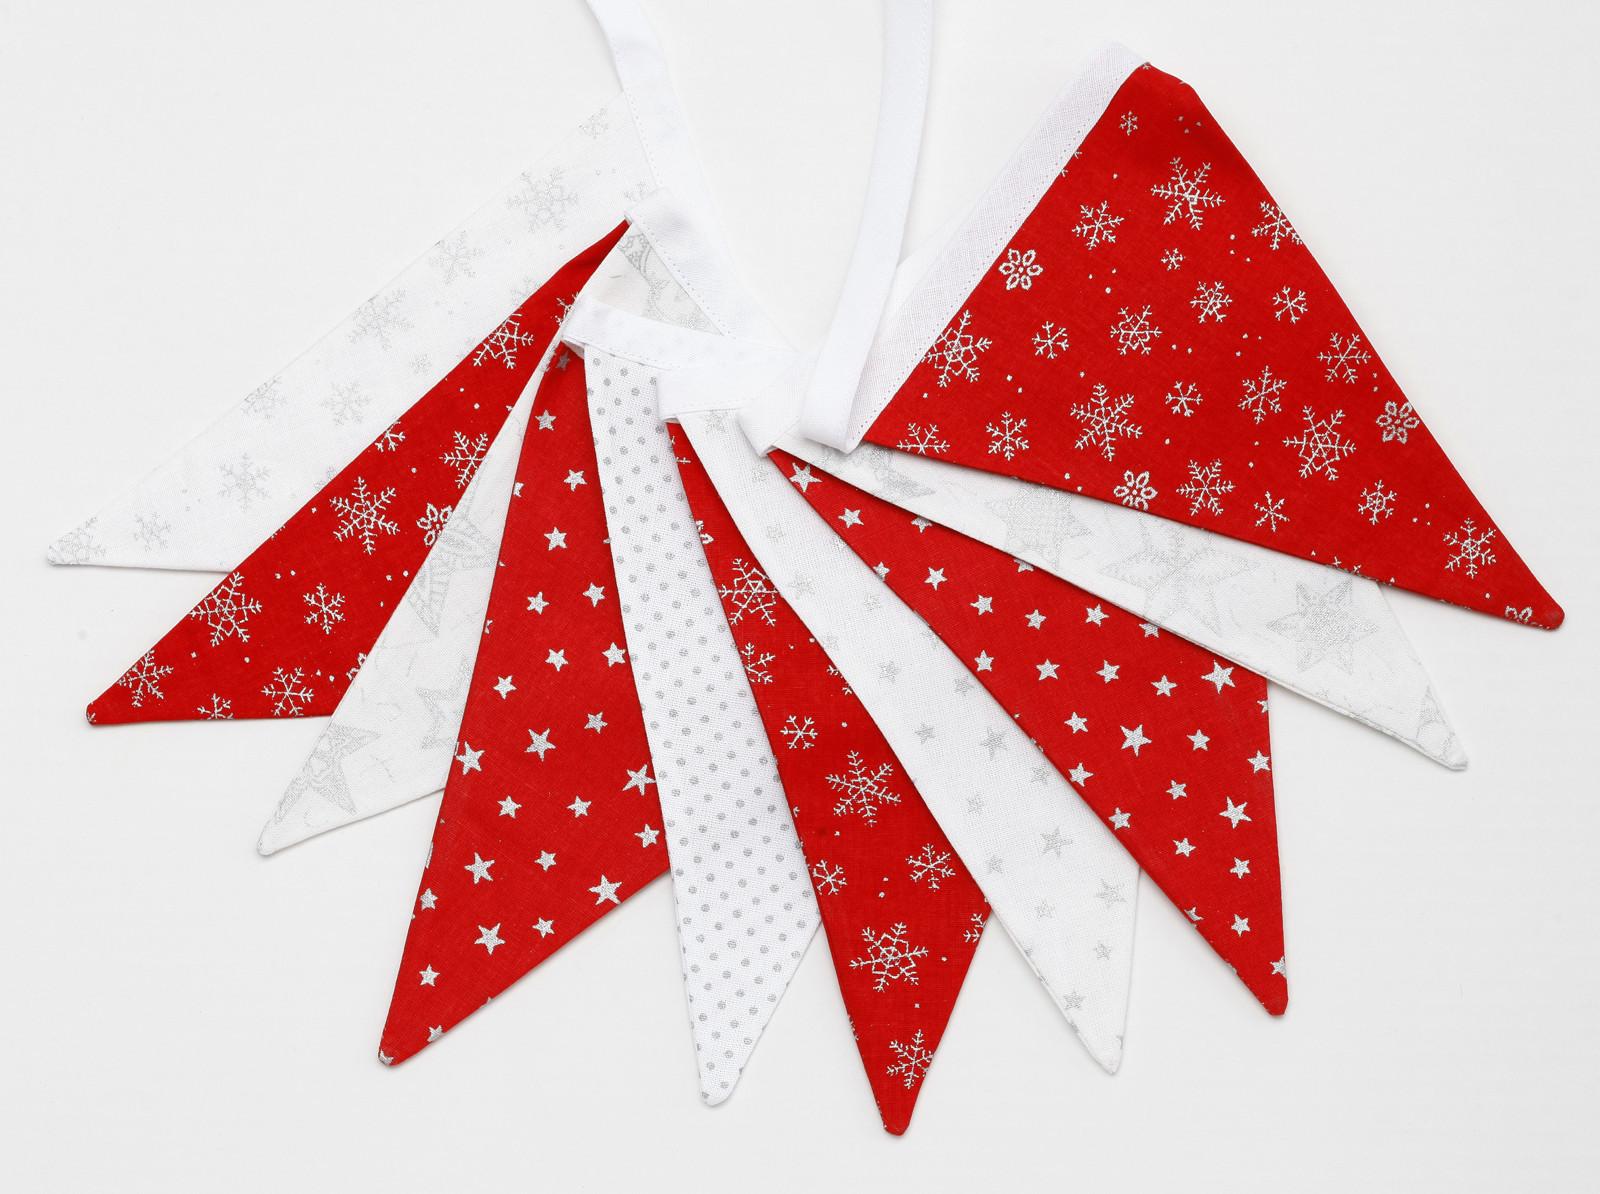 Vlaječková girlanda vánoční stříbrnočervená   Zboží prodejce Ollie ... a7c4957852